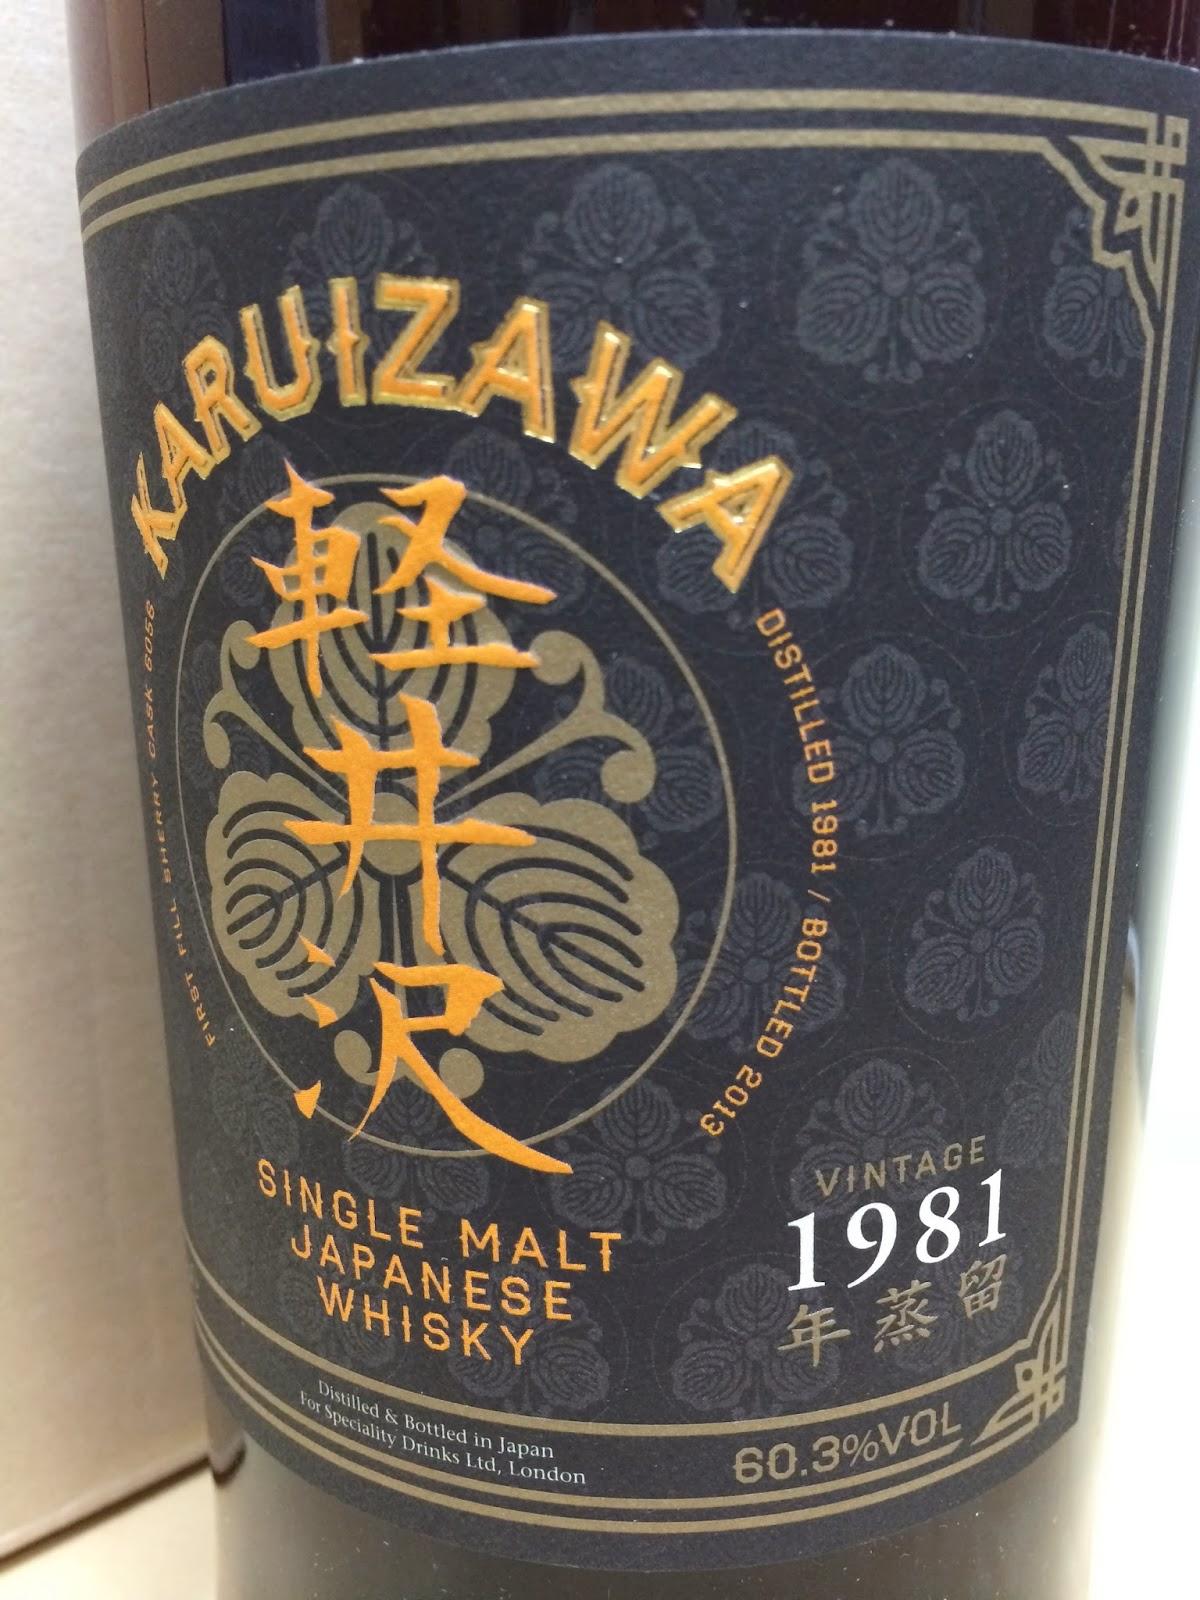 金魚之家: Karuizawa 輕井澤 32年 1981 #6056 single cask 單桶